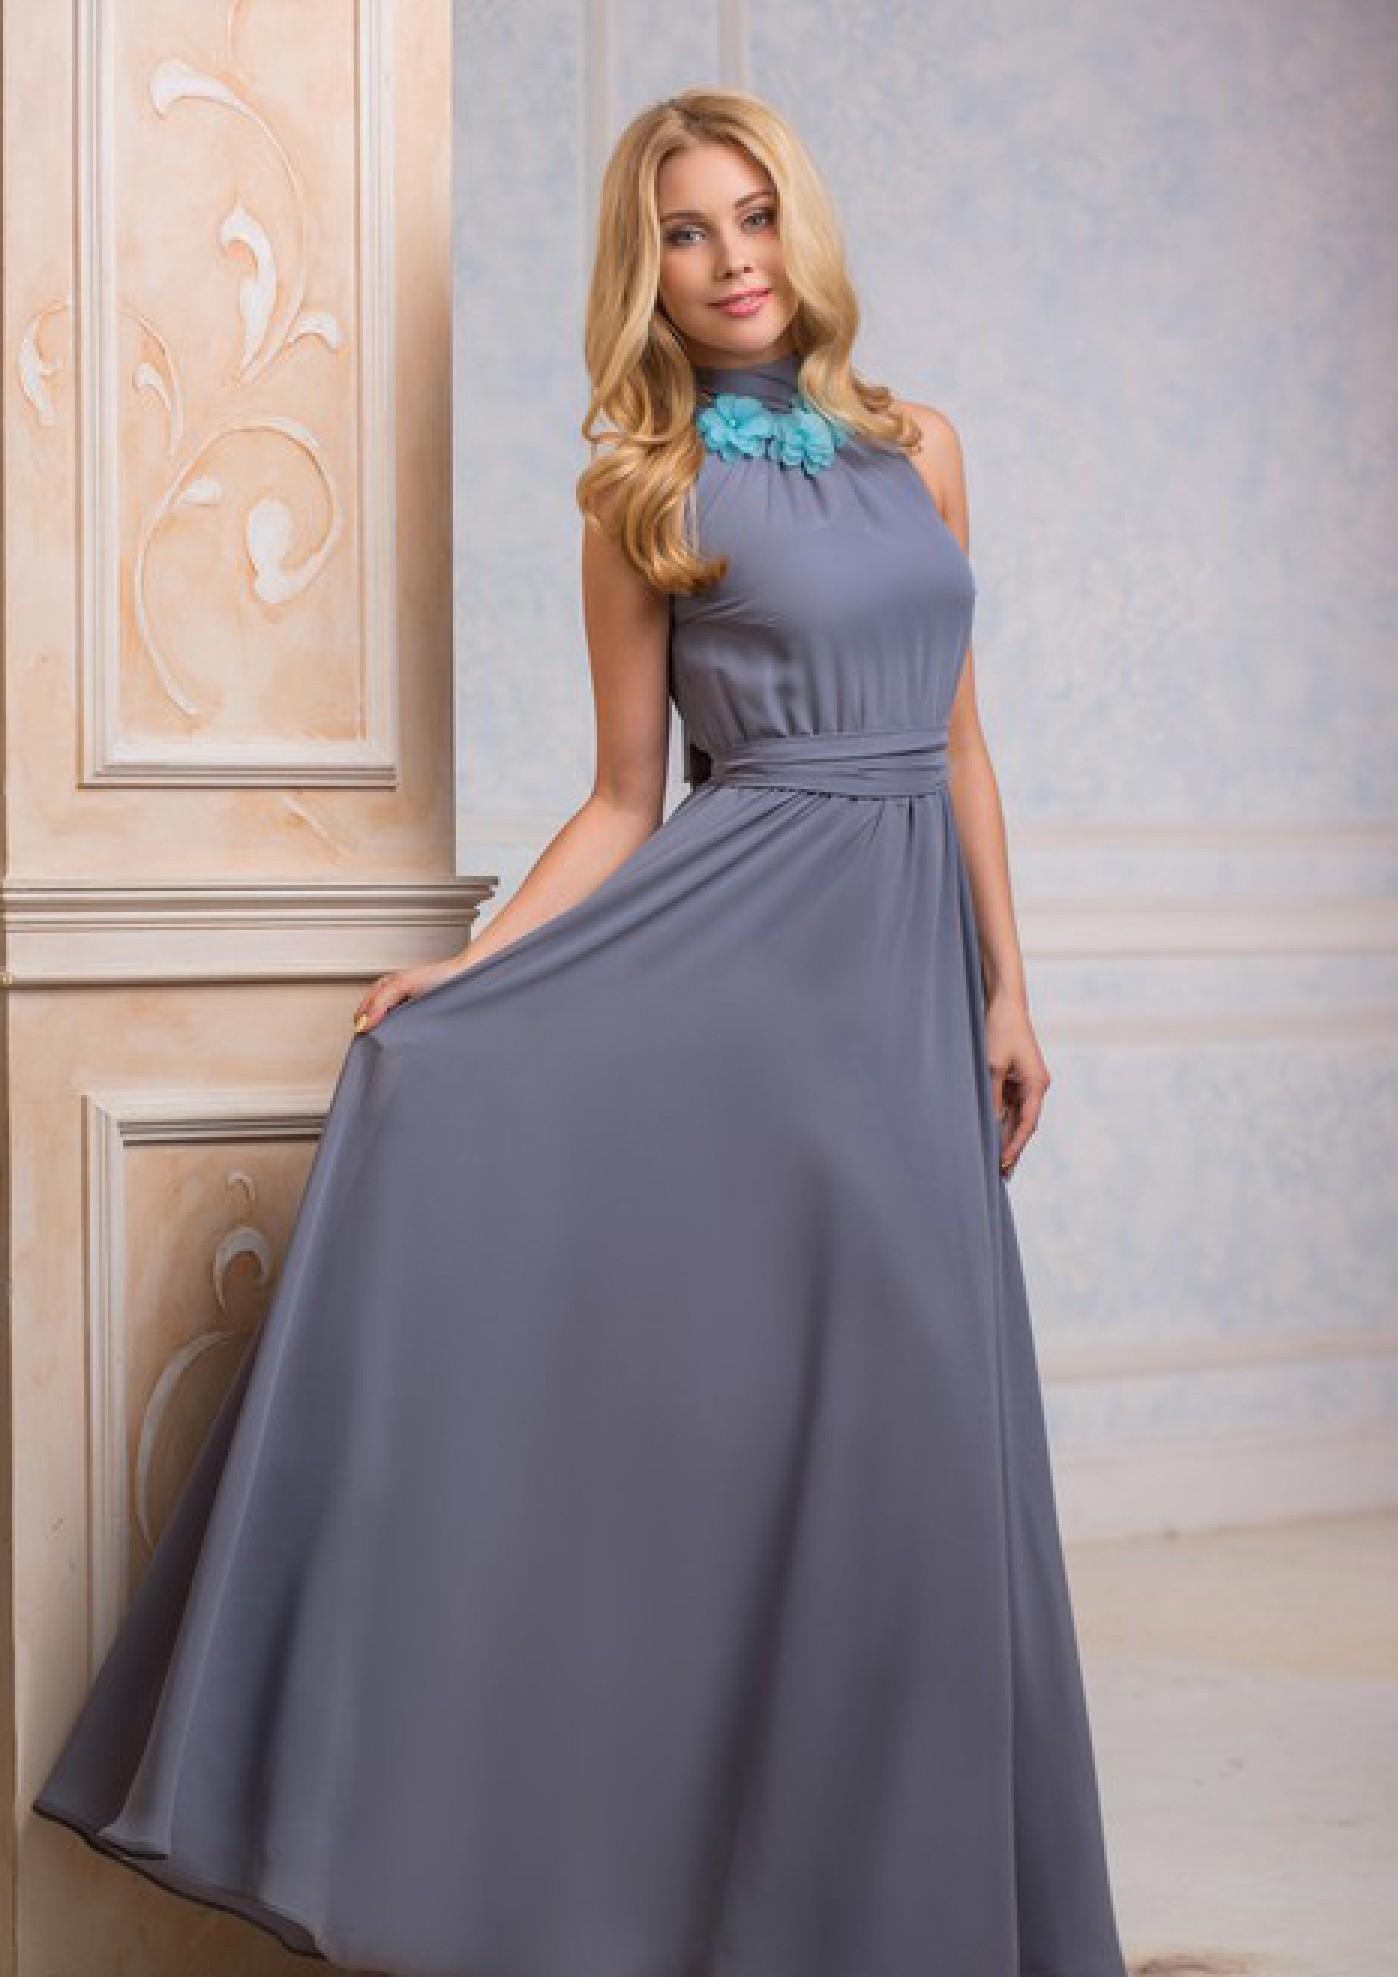 d92730e653c Вечернее длинное платье без рукавов стильного серого цвета. Радэлия интернет-магазин  авторских платьев.